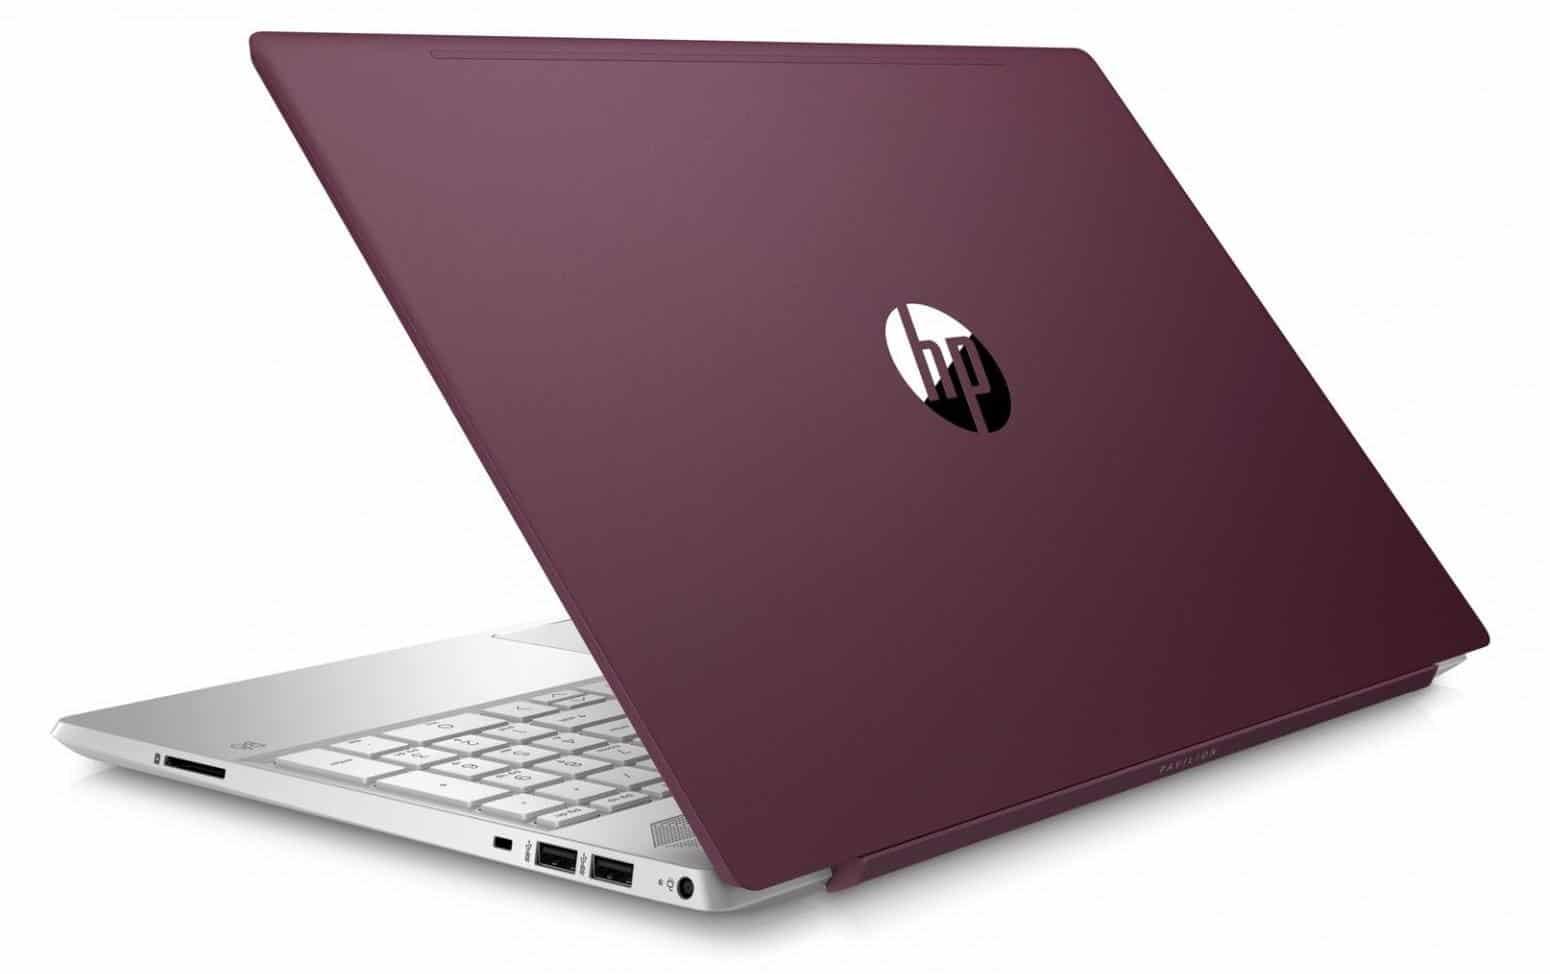 """HP Pavilion 15-cw0008nf, ultrabook 15"""" Rouge 12 Go Full Ryzen SSD (679€)"""